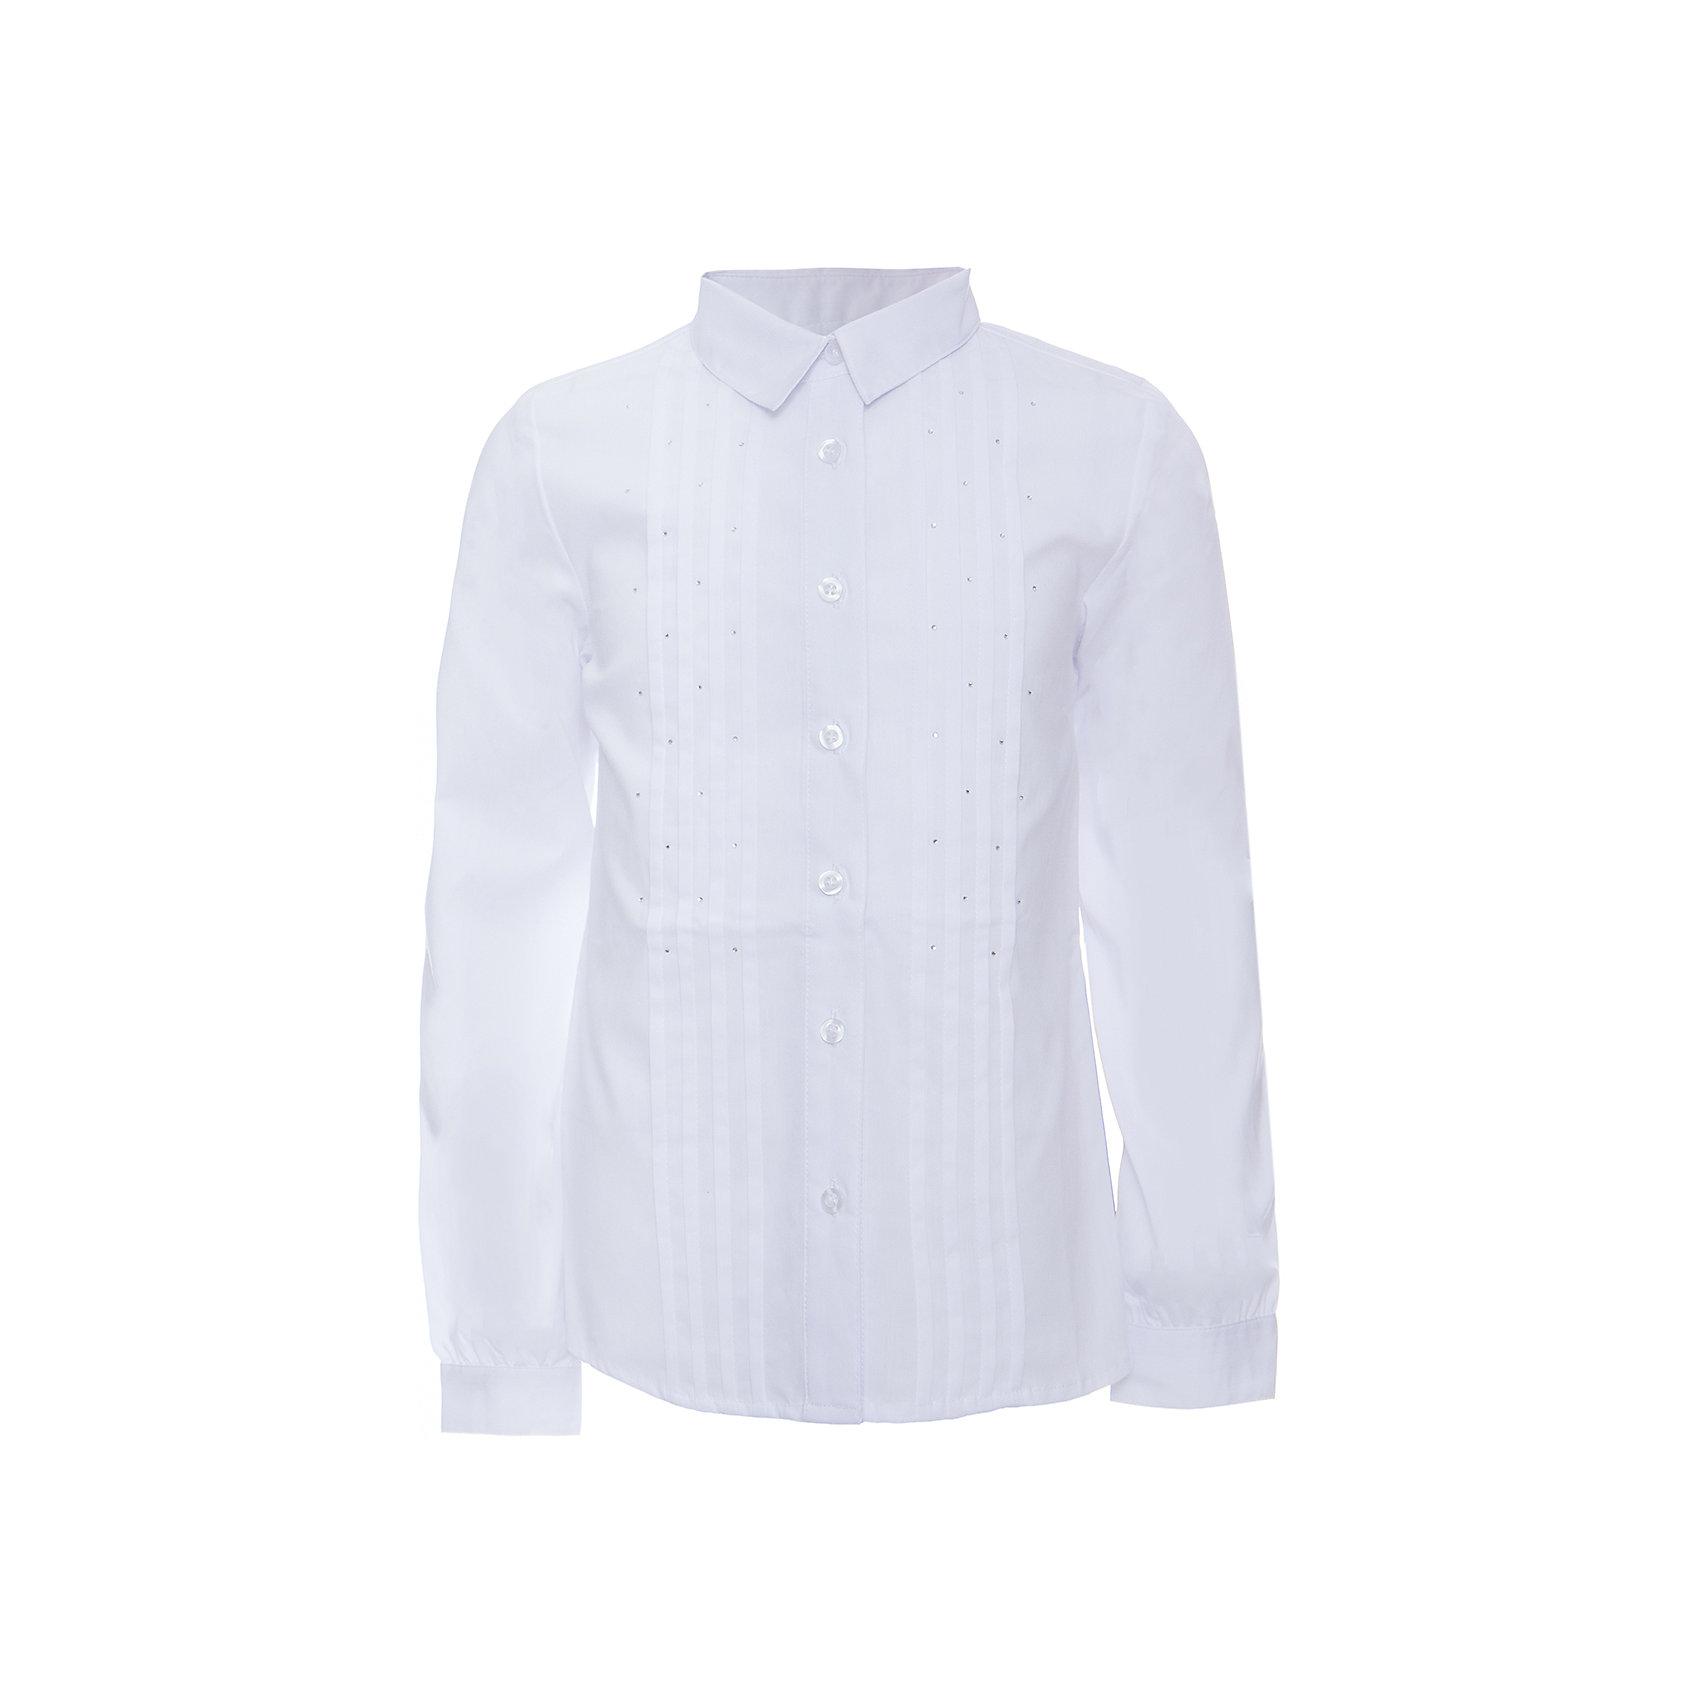 Блузка текстильная для девочки ScoolБлузки и рубашки<br>Блузка текстильная для девочки Scool<br>Блузка с длинным  рукавом в классическом стиле сможет дополнить школьный гардероб ребенка. Передняя часть этой модели декорирована россыпью страз и встрочными складками по всей длине изделия. Рукава дополнены манжетами.<br>Состав:<br>68% хлопок, 28% полиэстер, 4% эластан<br><br>Ширина мм: 186<br>Глубина мм: 87<br>Высота мм: 198<br>Вес г: 197<br>Цвет: белый<br>Возраст от месяцев: 132<br>Возраст до месяцев: 144<br>Пол: Женский<br>Возраст: Детский<br>Размер: 152,158,164,122,128,134,140,146<br>SKU: 6754818